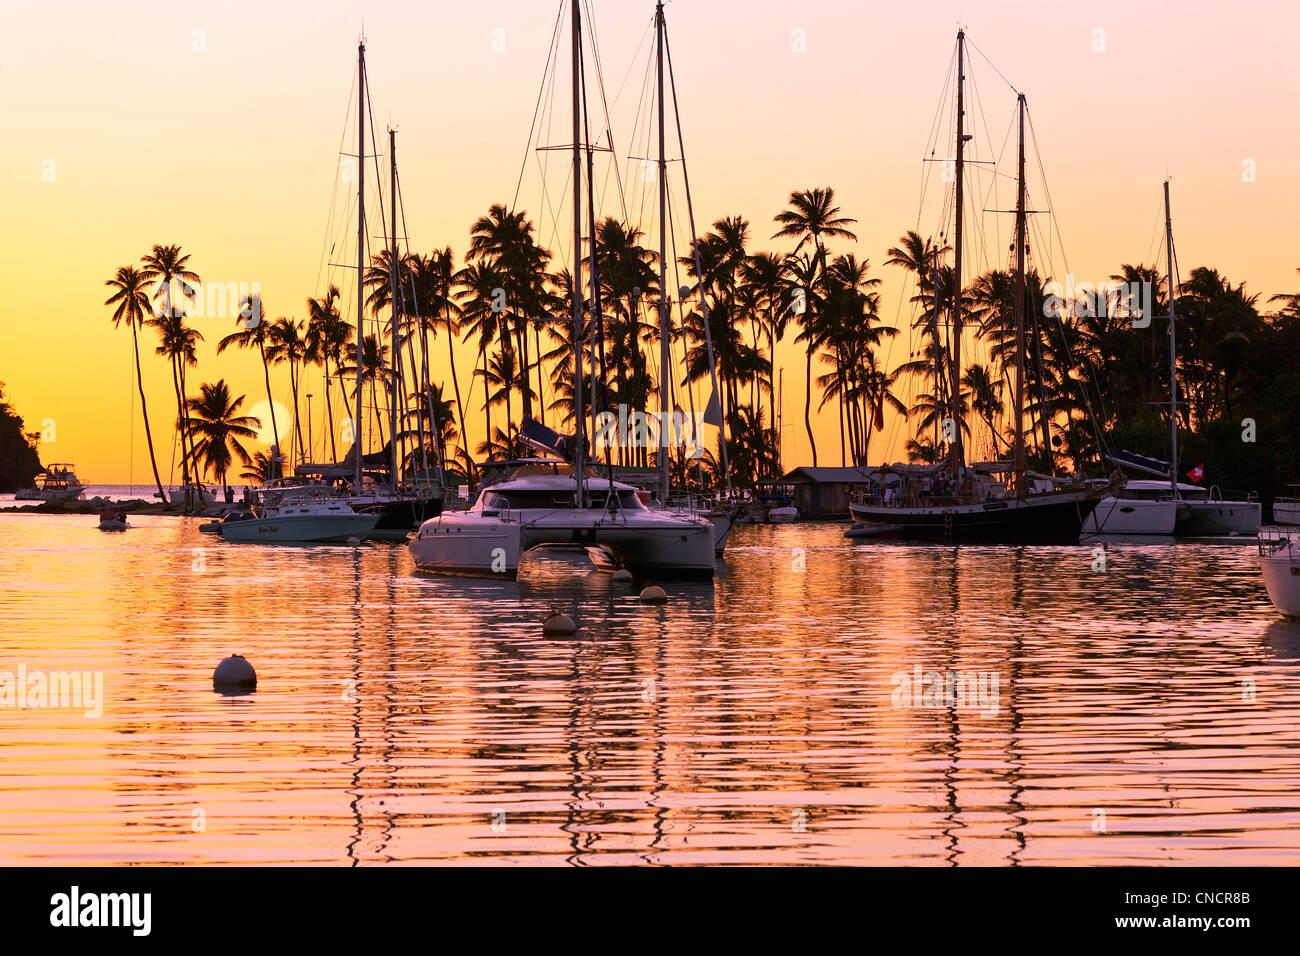 St. Lucia, Marigot Bay bei Sonnenuntergang Stockbild